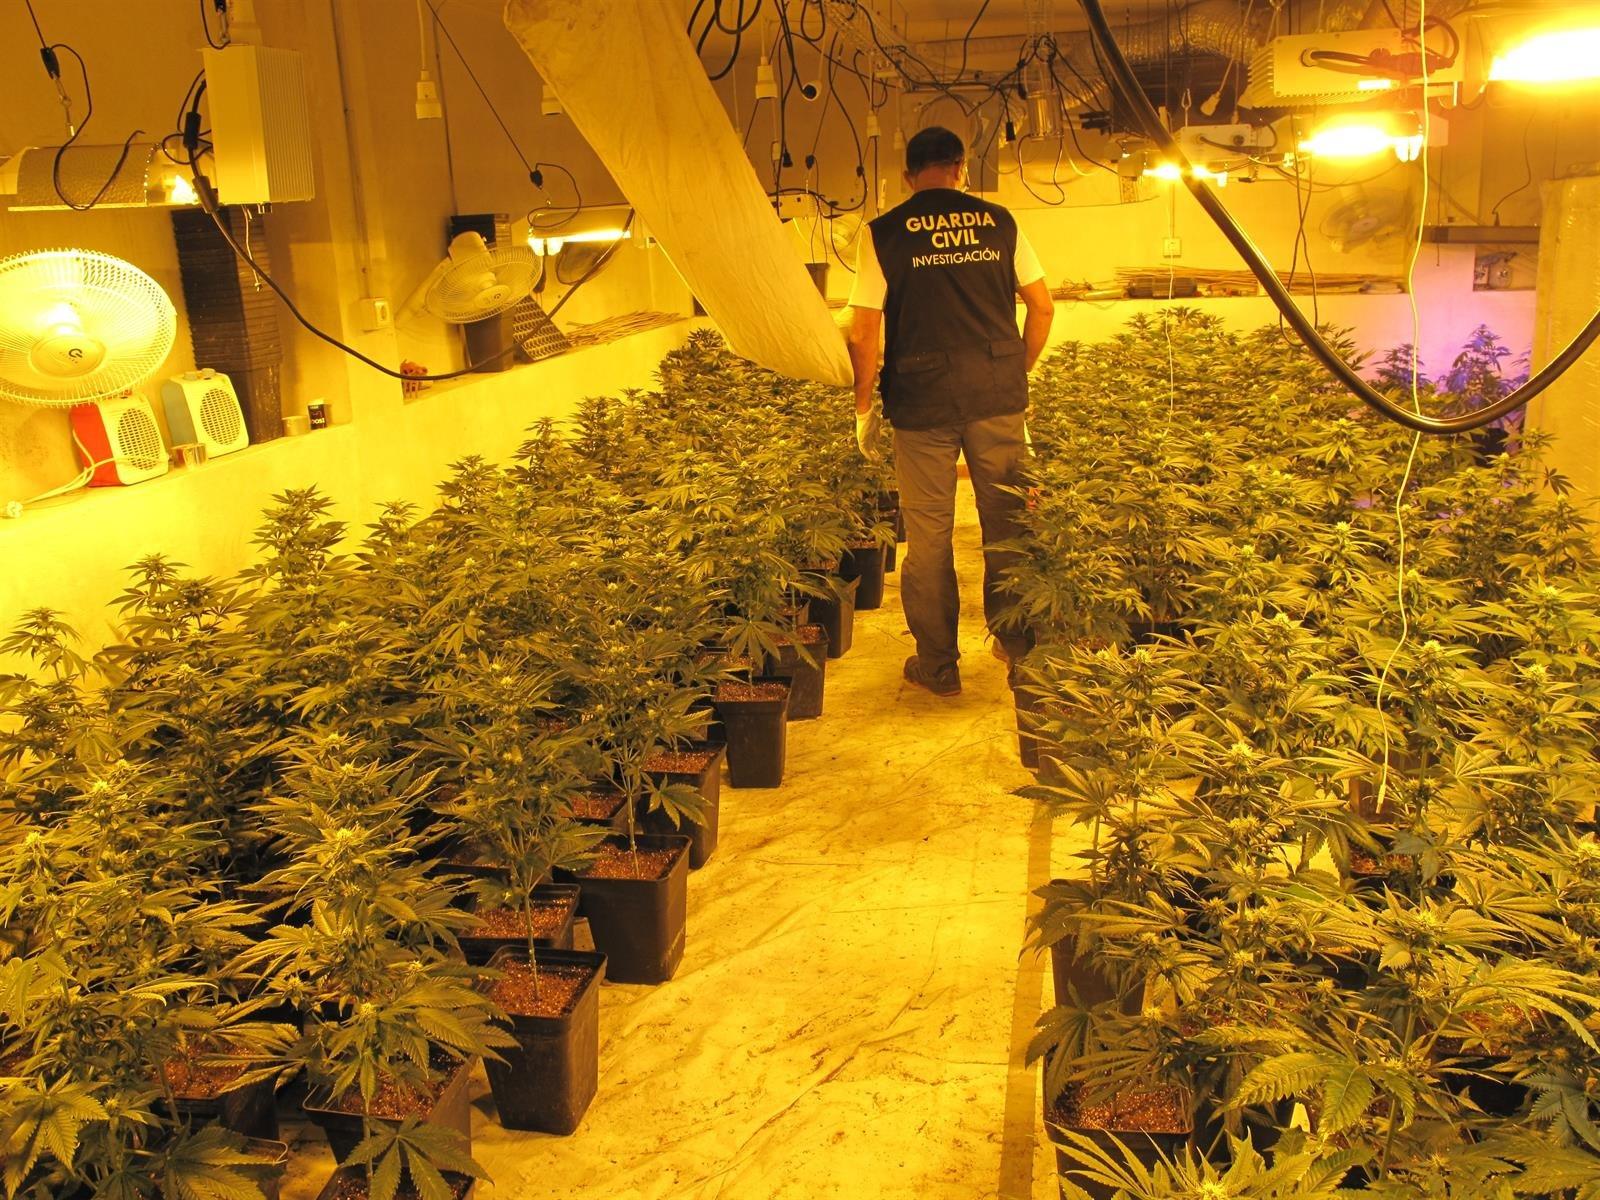 La Guardia Civil interviene 430 plantas de cannabis cultivadas en viviendas de cinco municipios